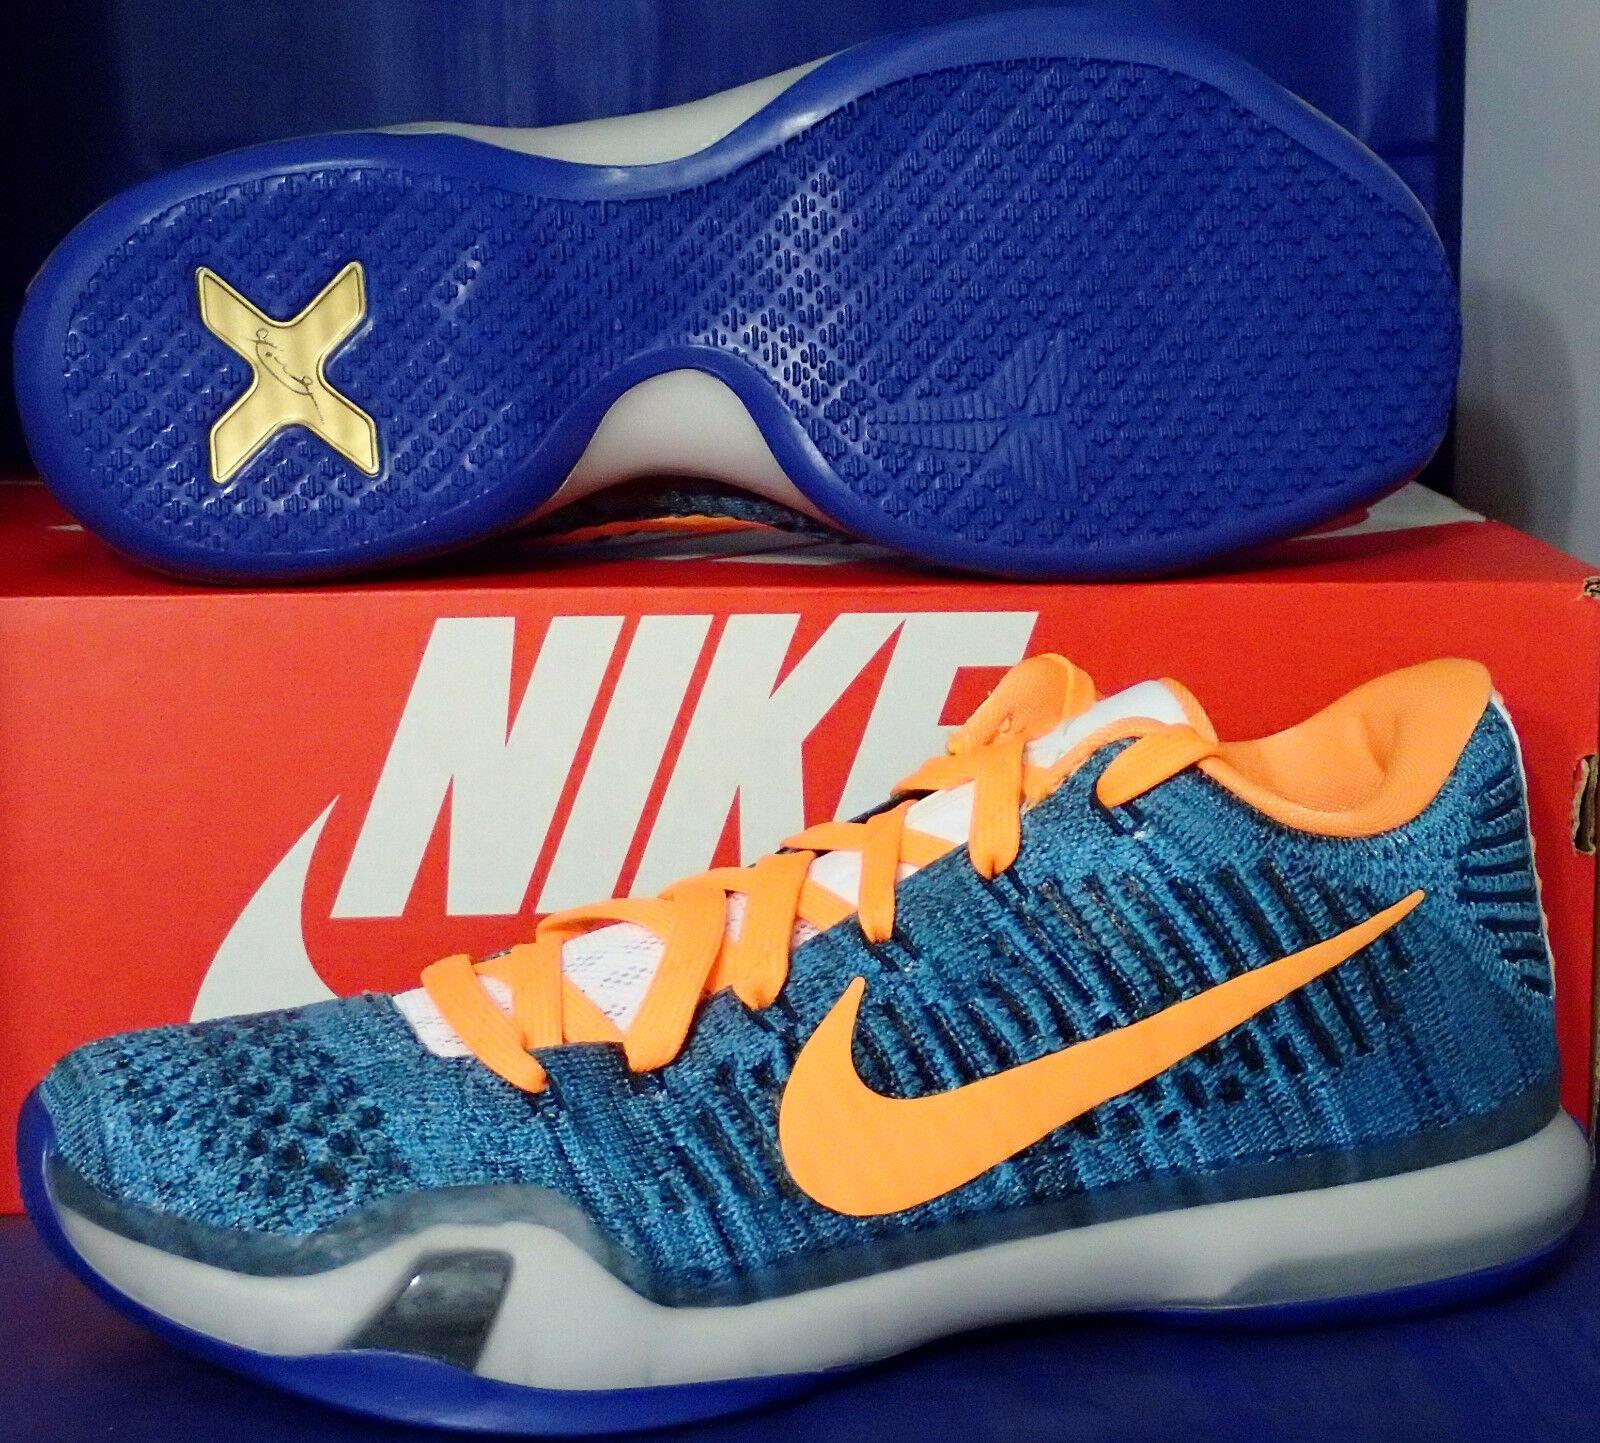 Nike Kobe X 10 Elite Low Flyknit iD bluee orange Knicks Gators SZ 8 (802817-991)